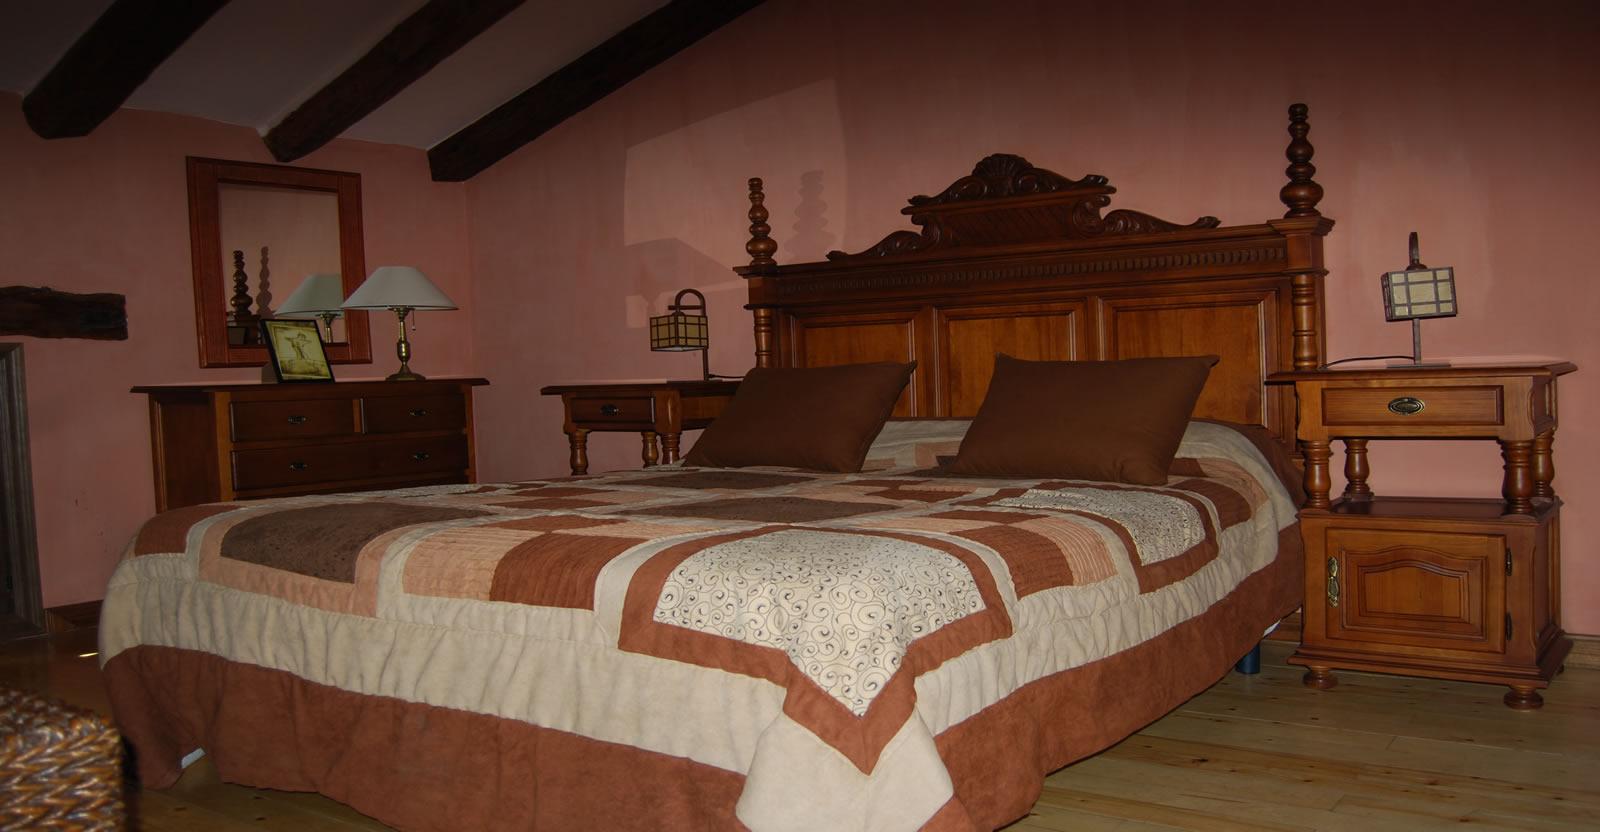 habitaciones para descansar y disfrutar